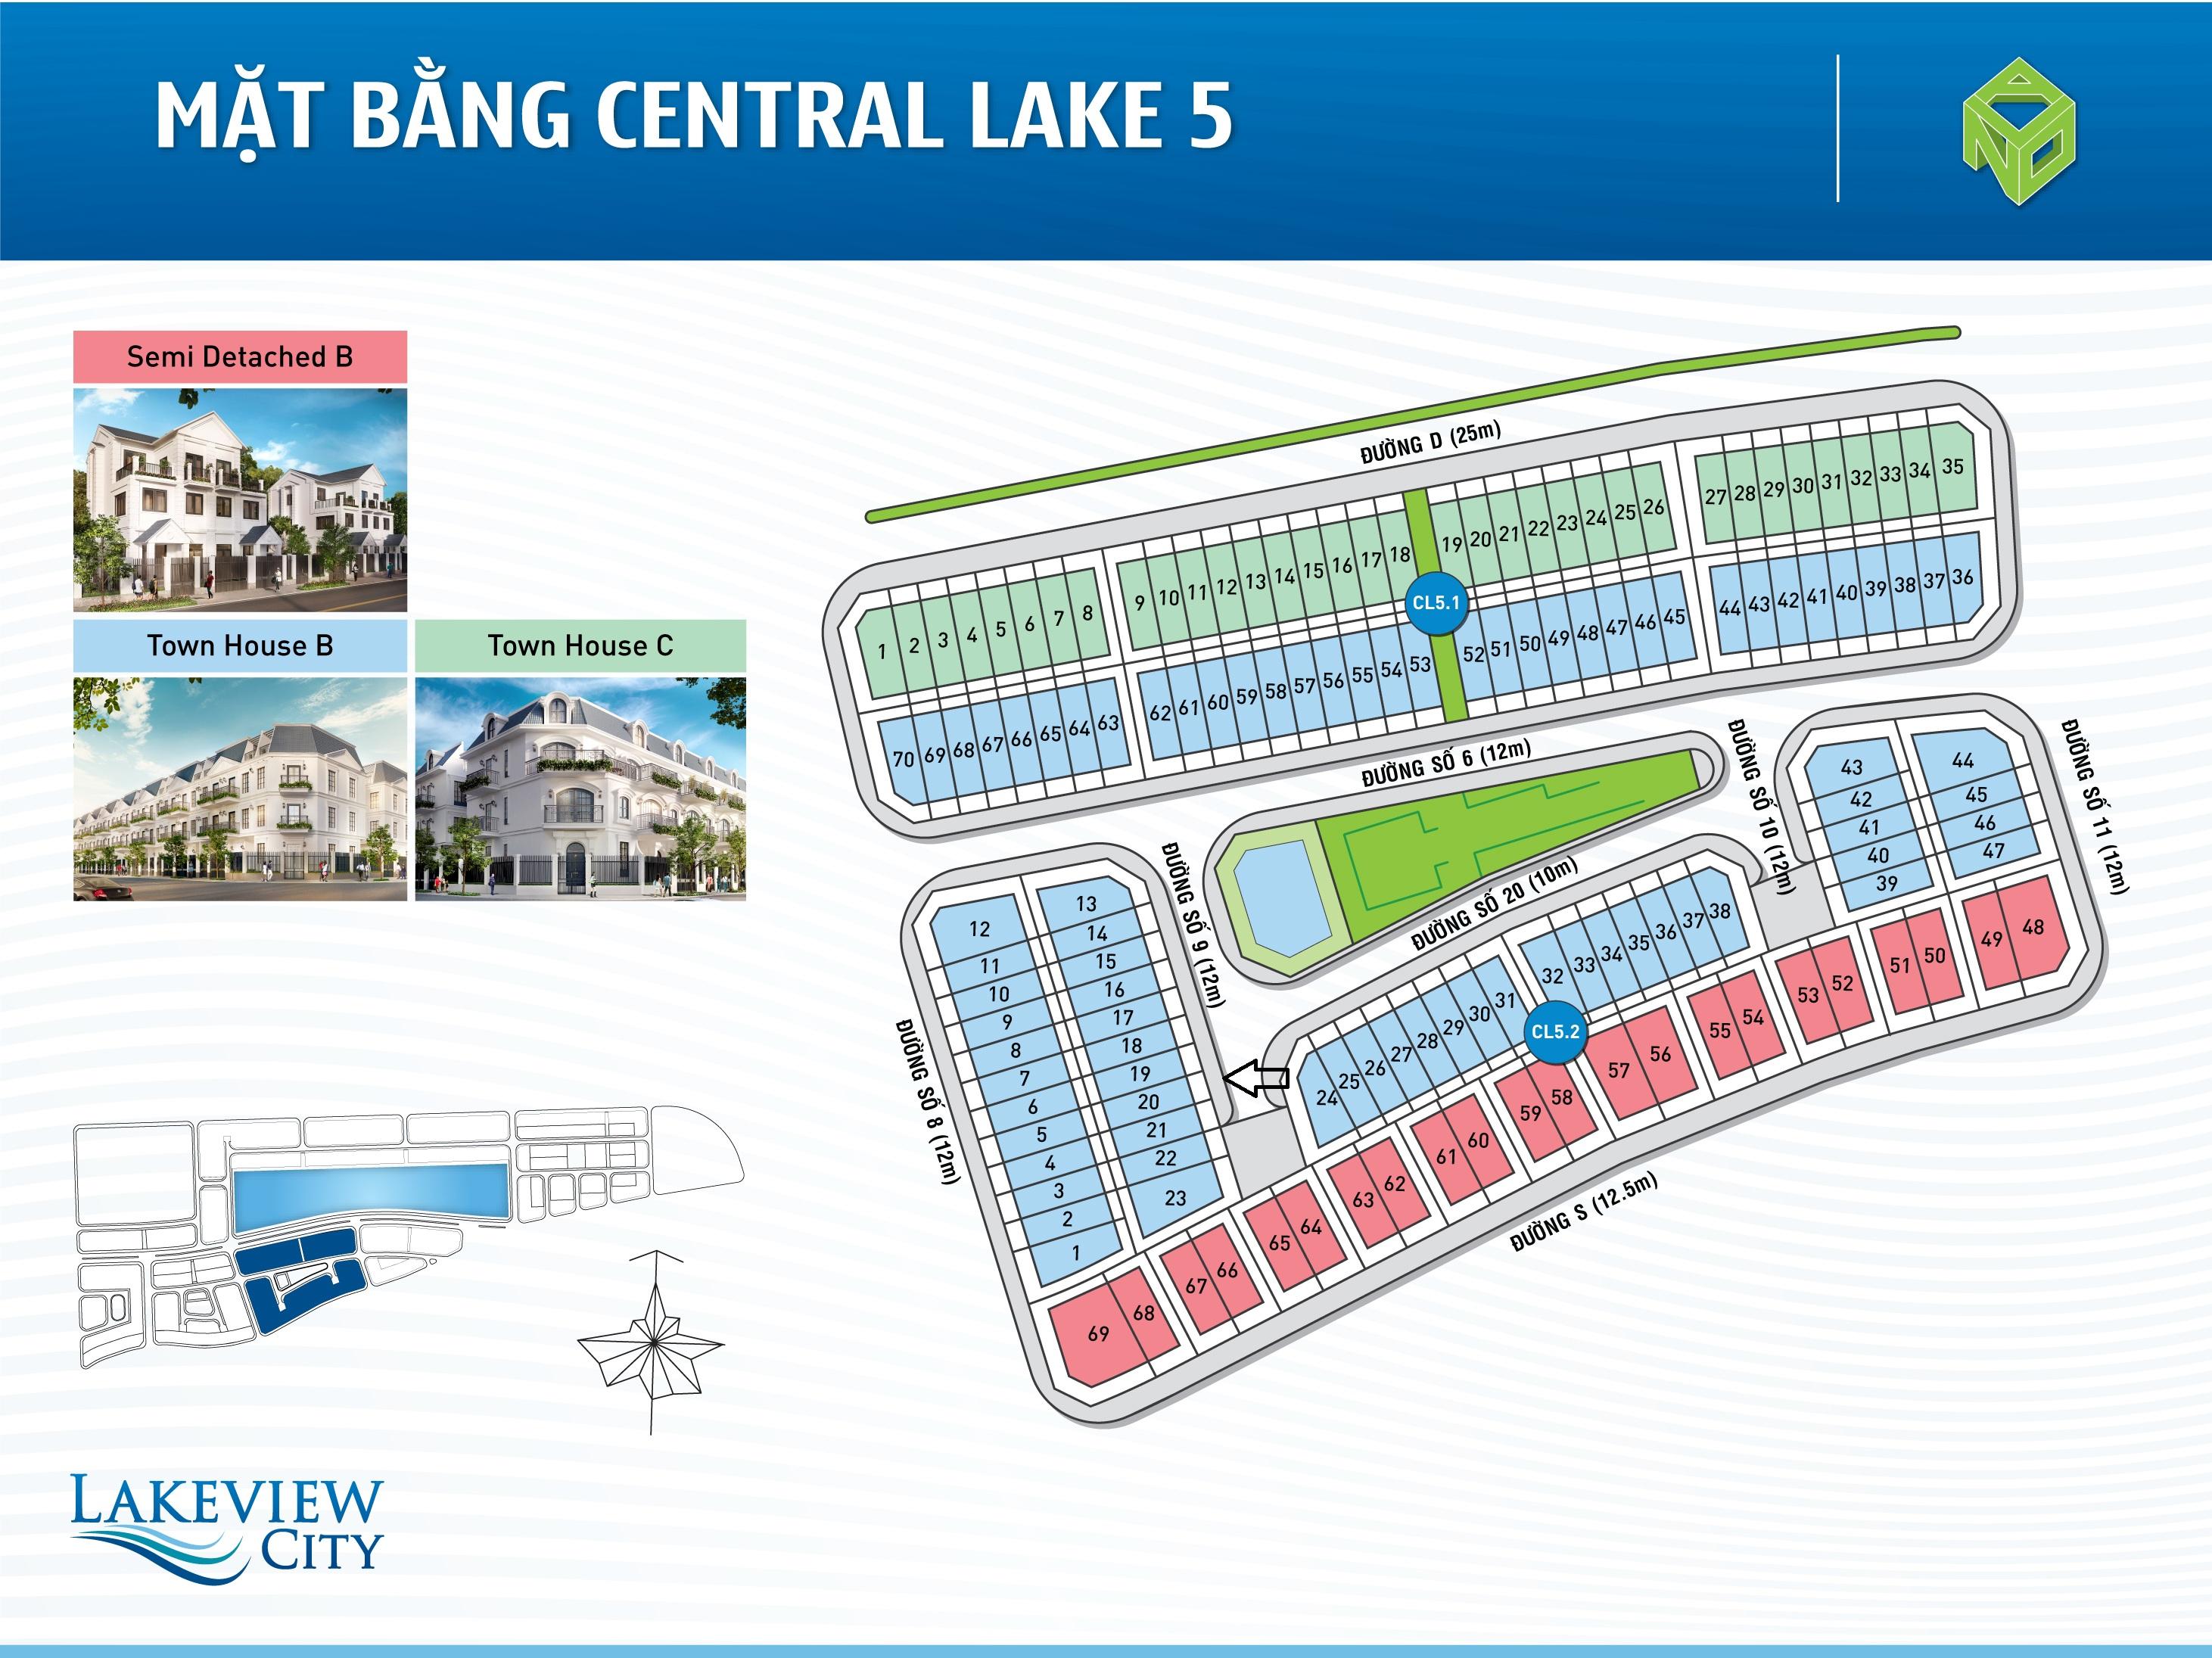 Mặt bằng Central Lake 5 dự án Lakeview City